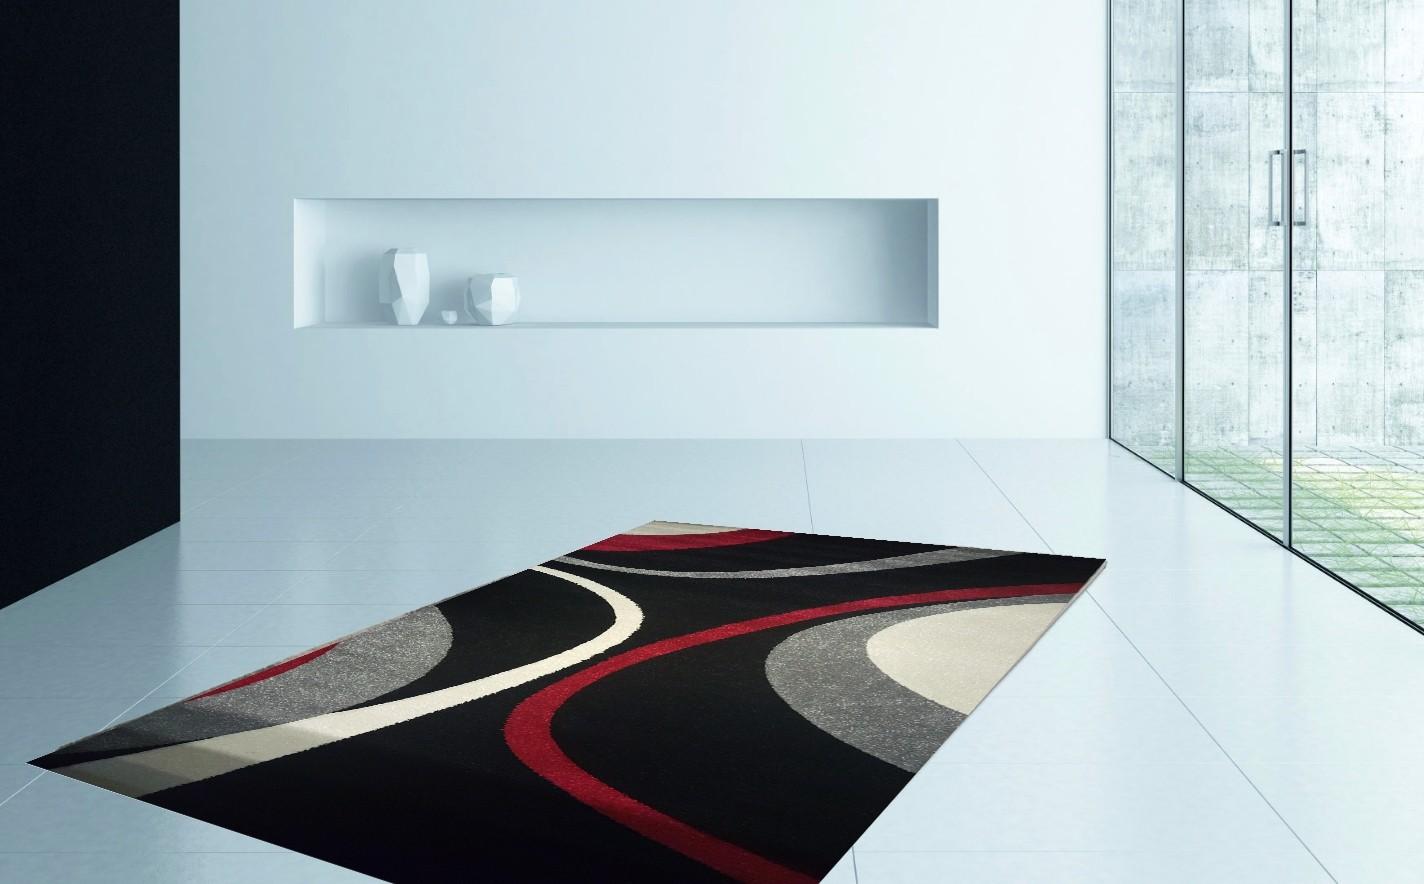 d coration tapis salon design belgique 17 poitiers tapis salon gris bleu tapis salon. Black Bedroom Furniture Sets. Home Design Ideas